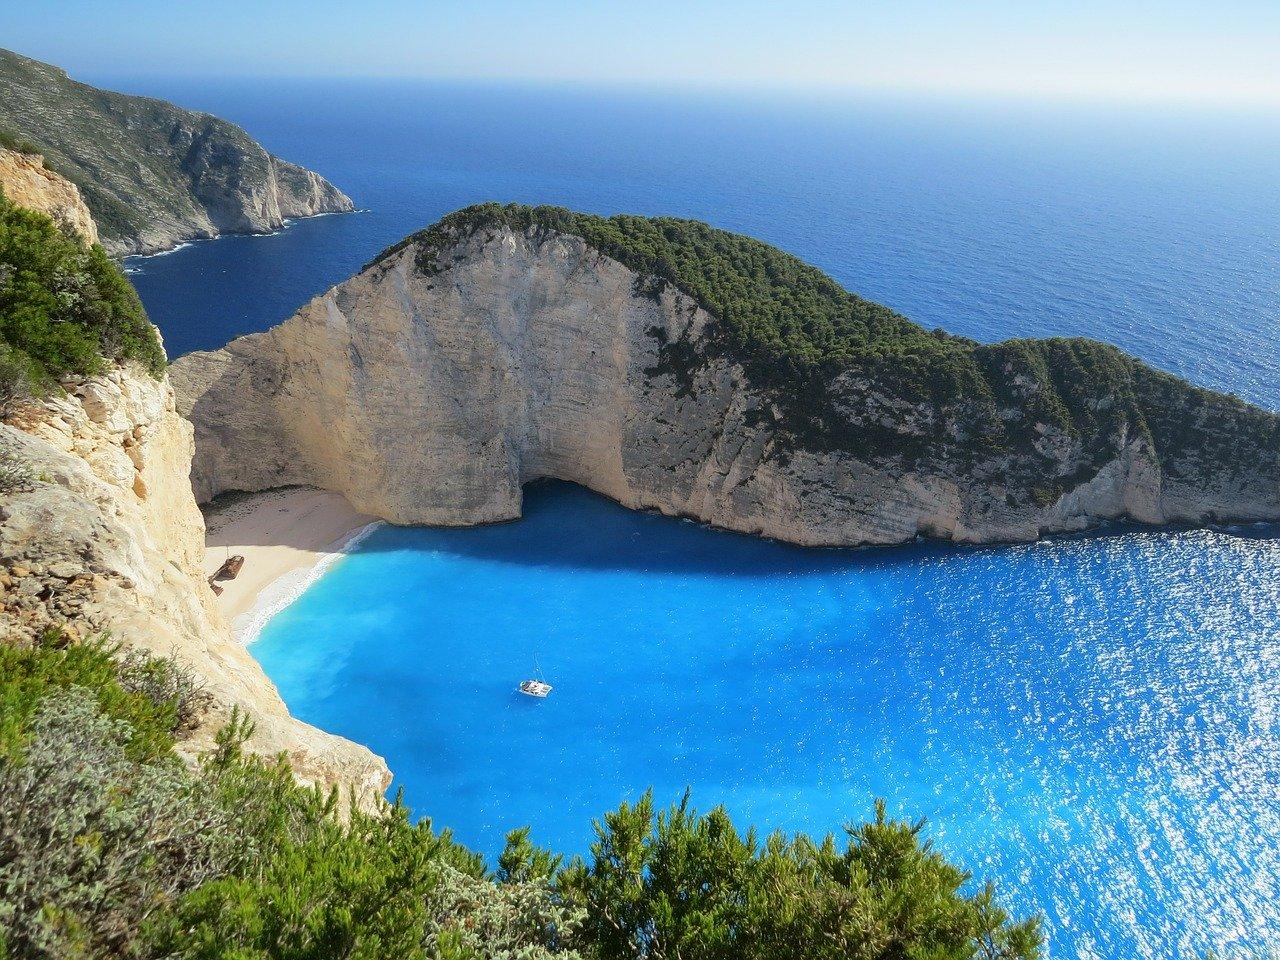 Decreto rilancio: bonus vacanze dal 1° luglio